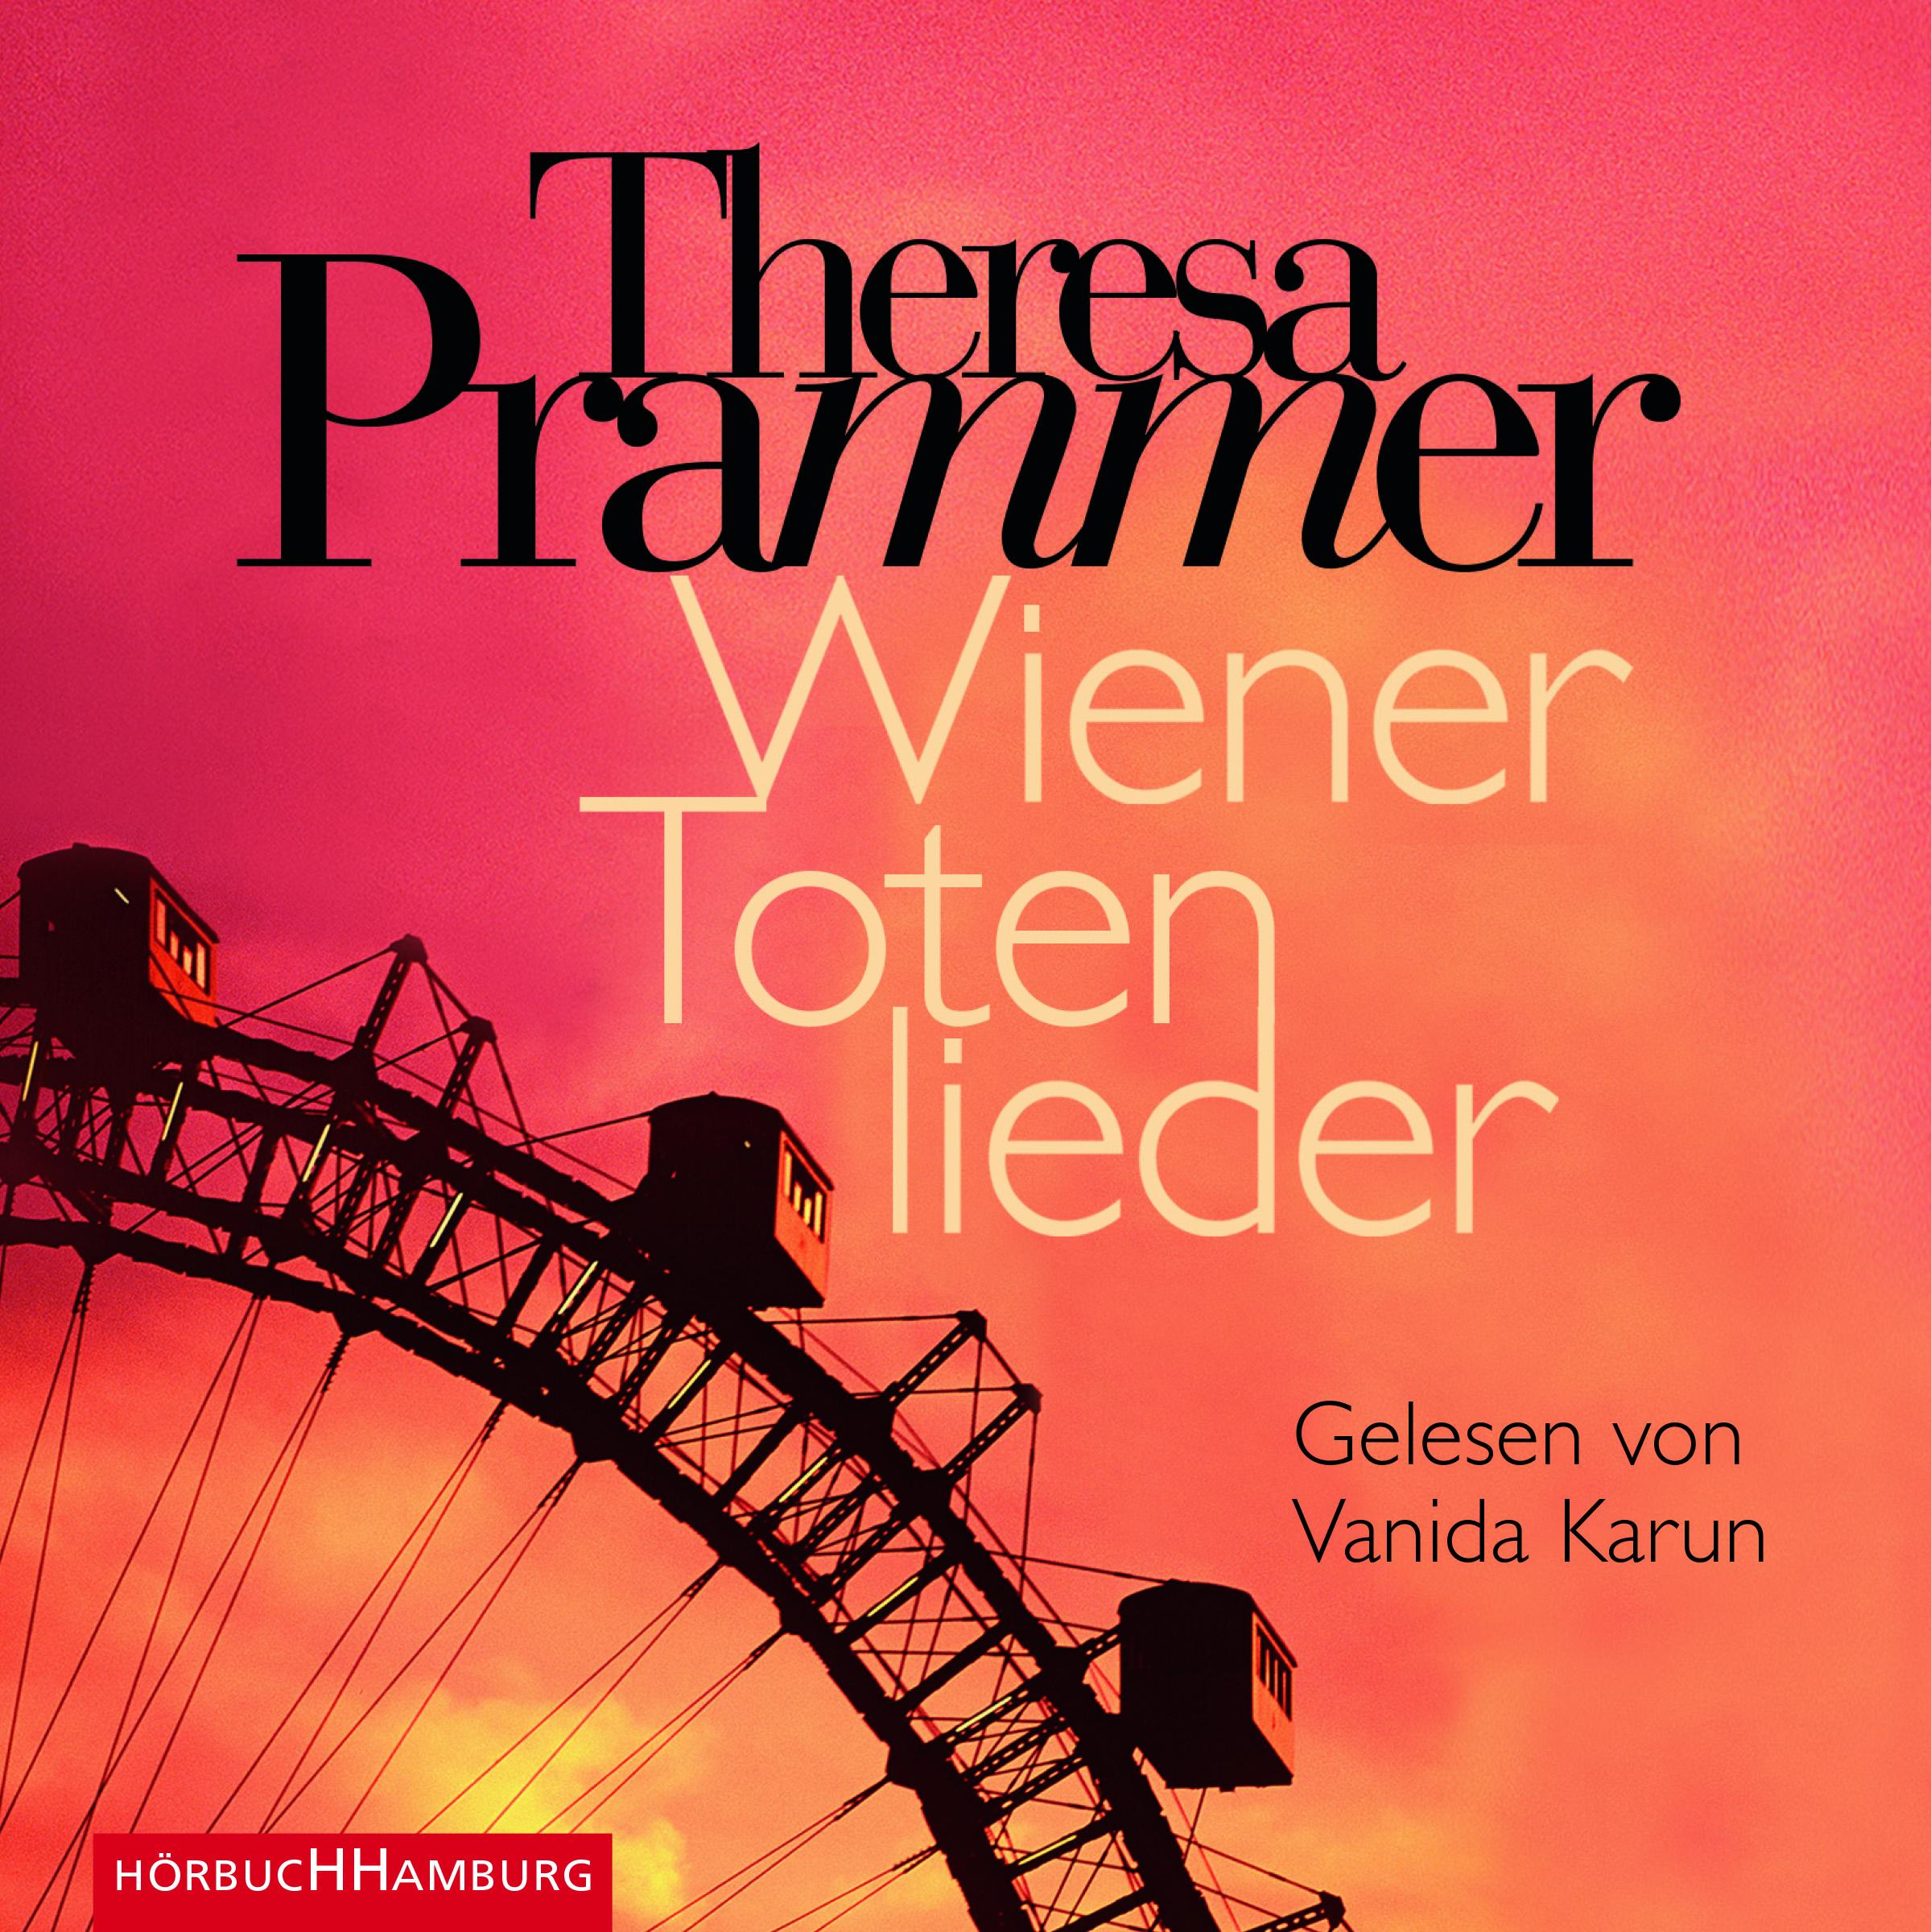 Cover für das Wiener Totenlieder Hörbuch